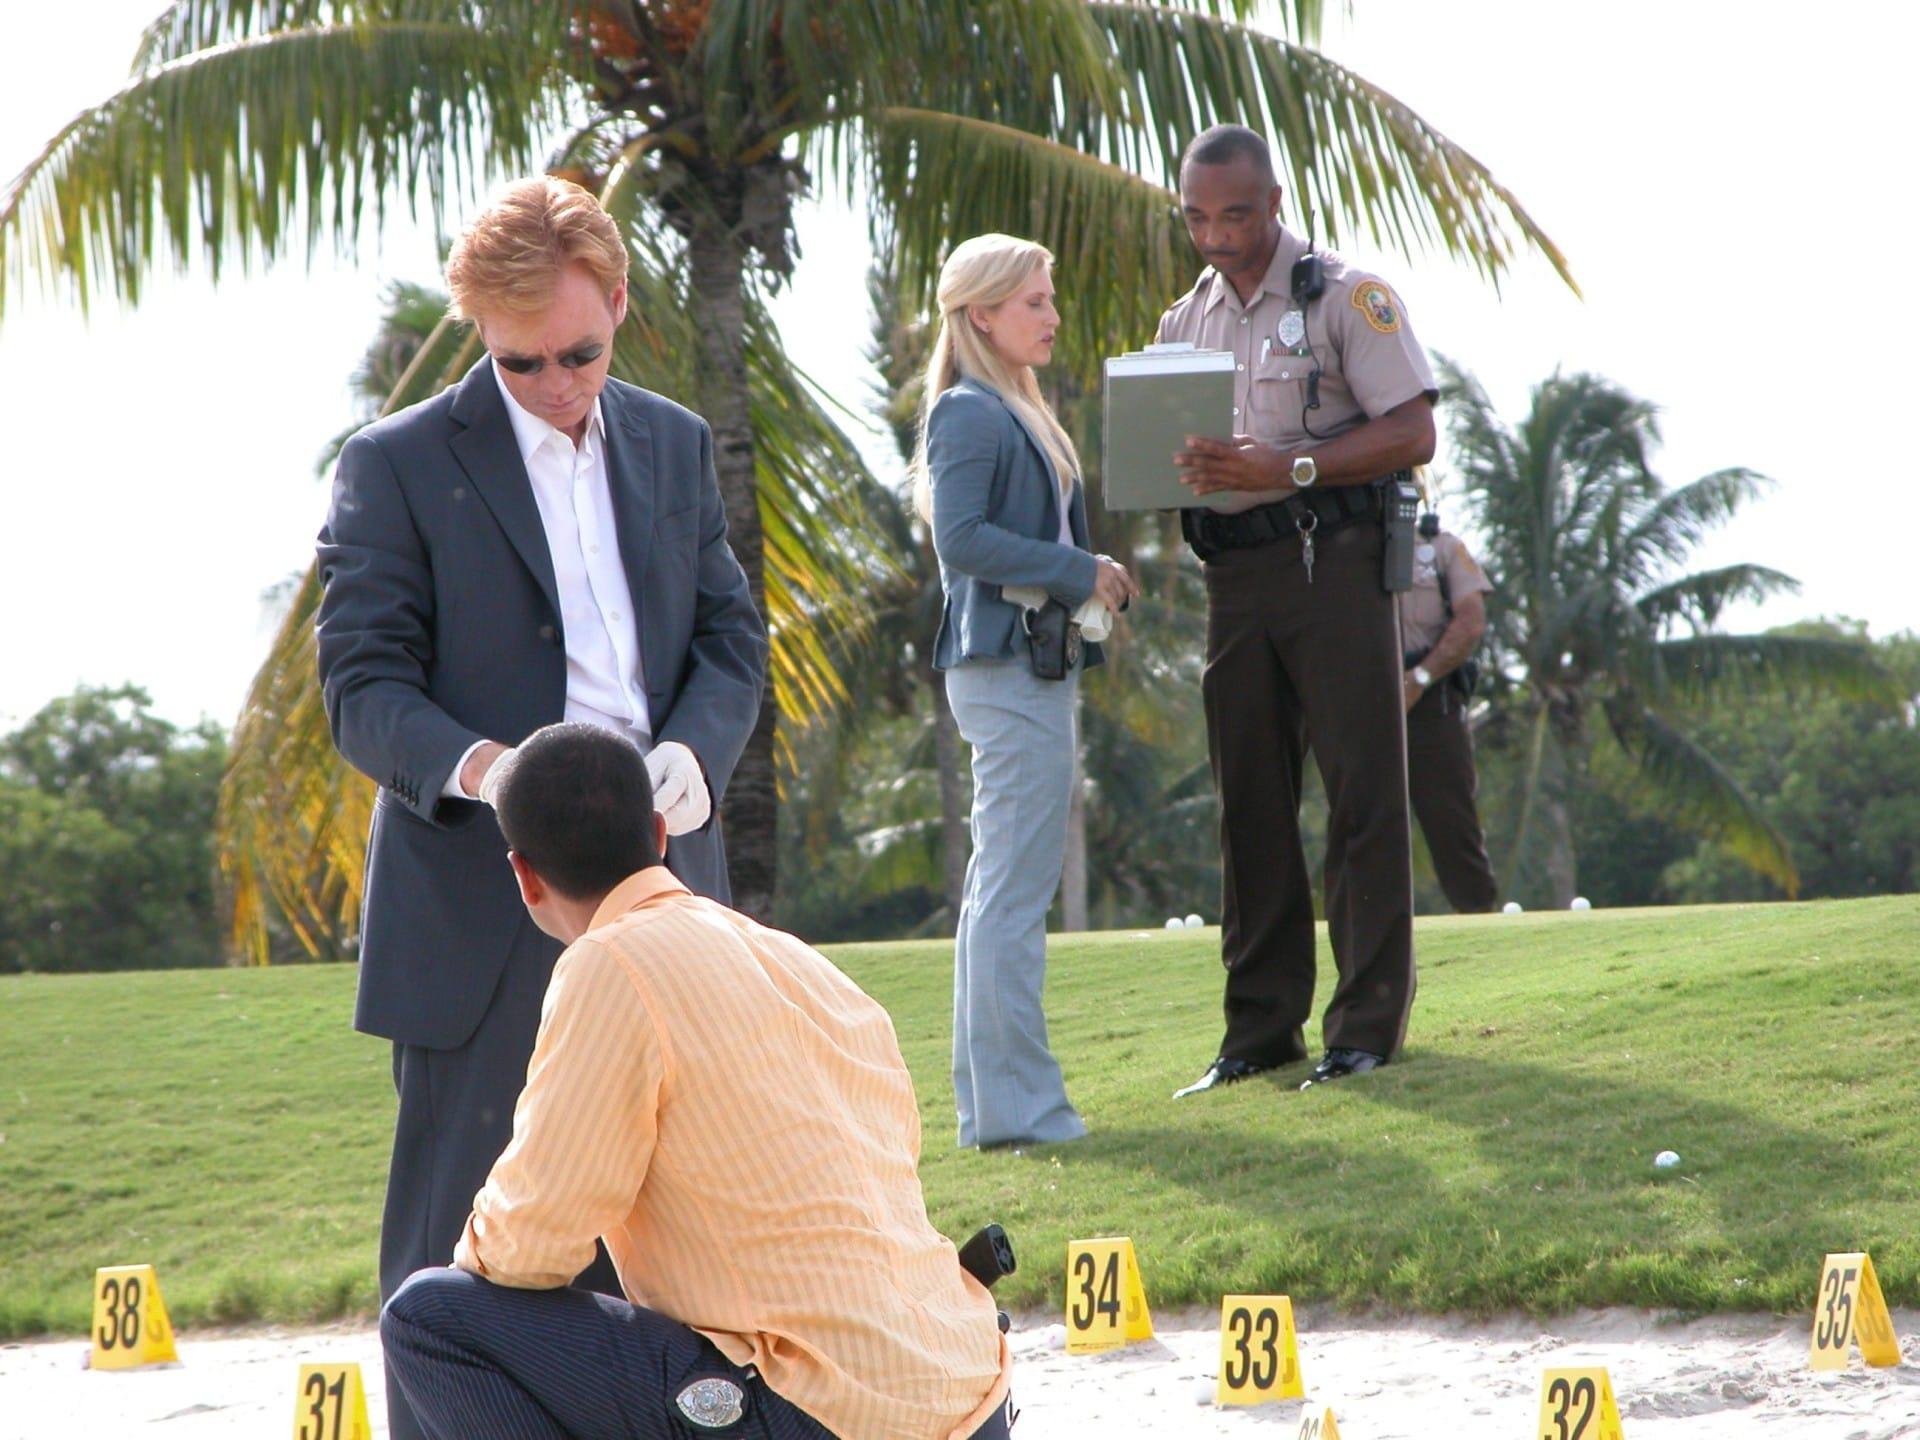 Les experts : Miami - Crimes sur le campus